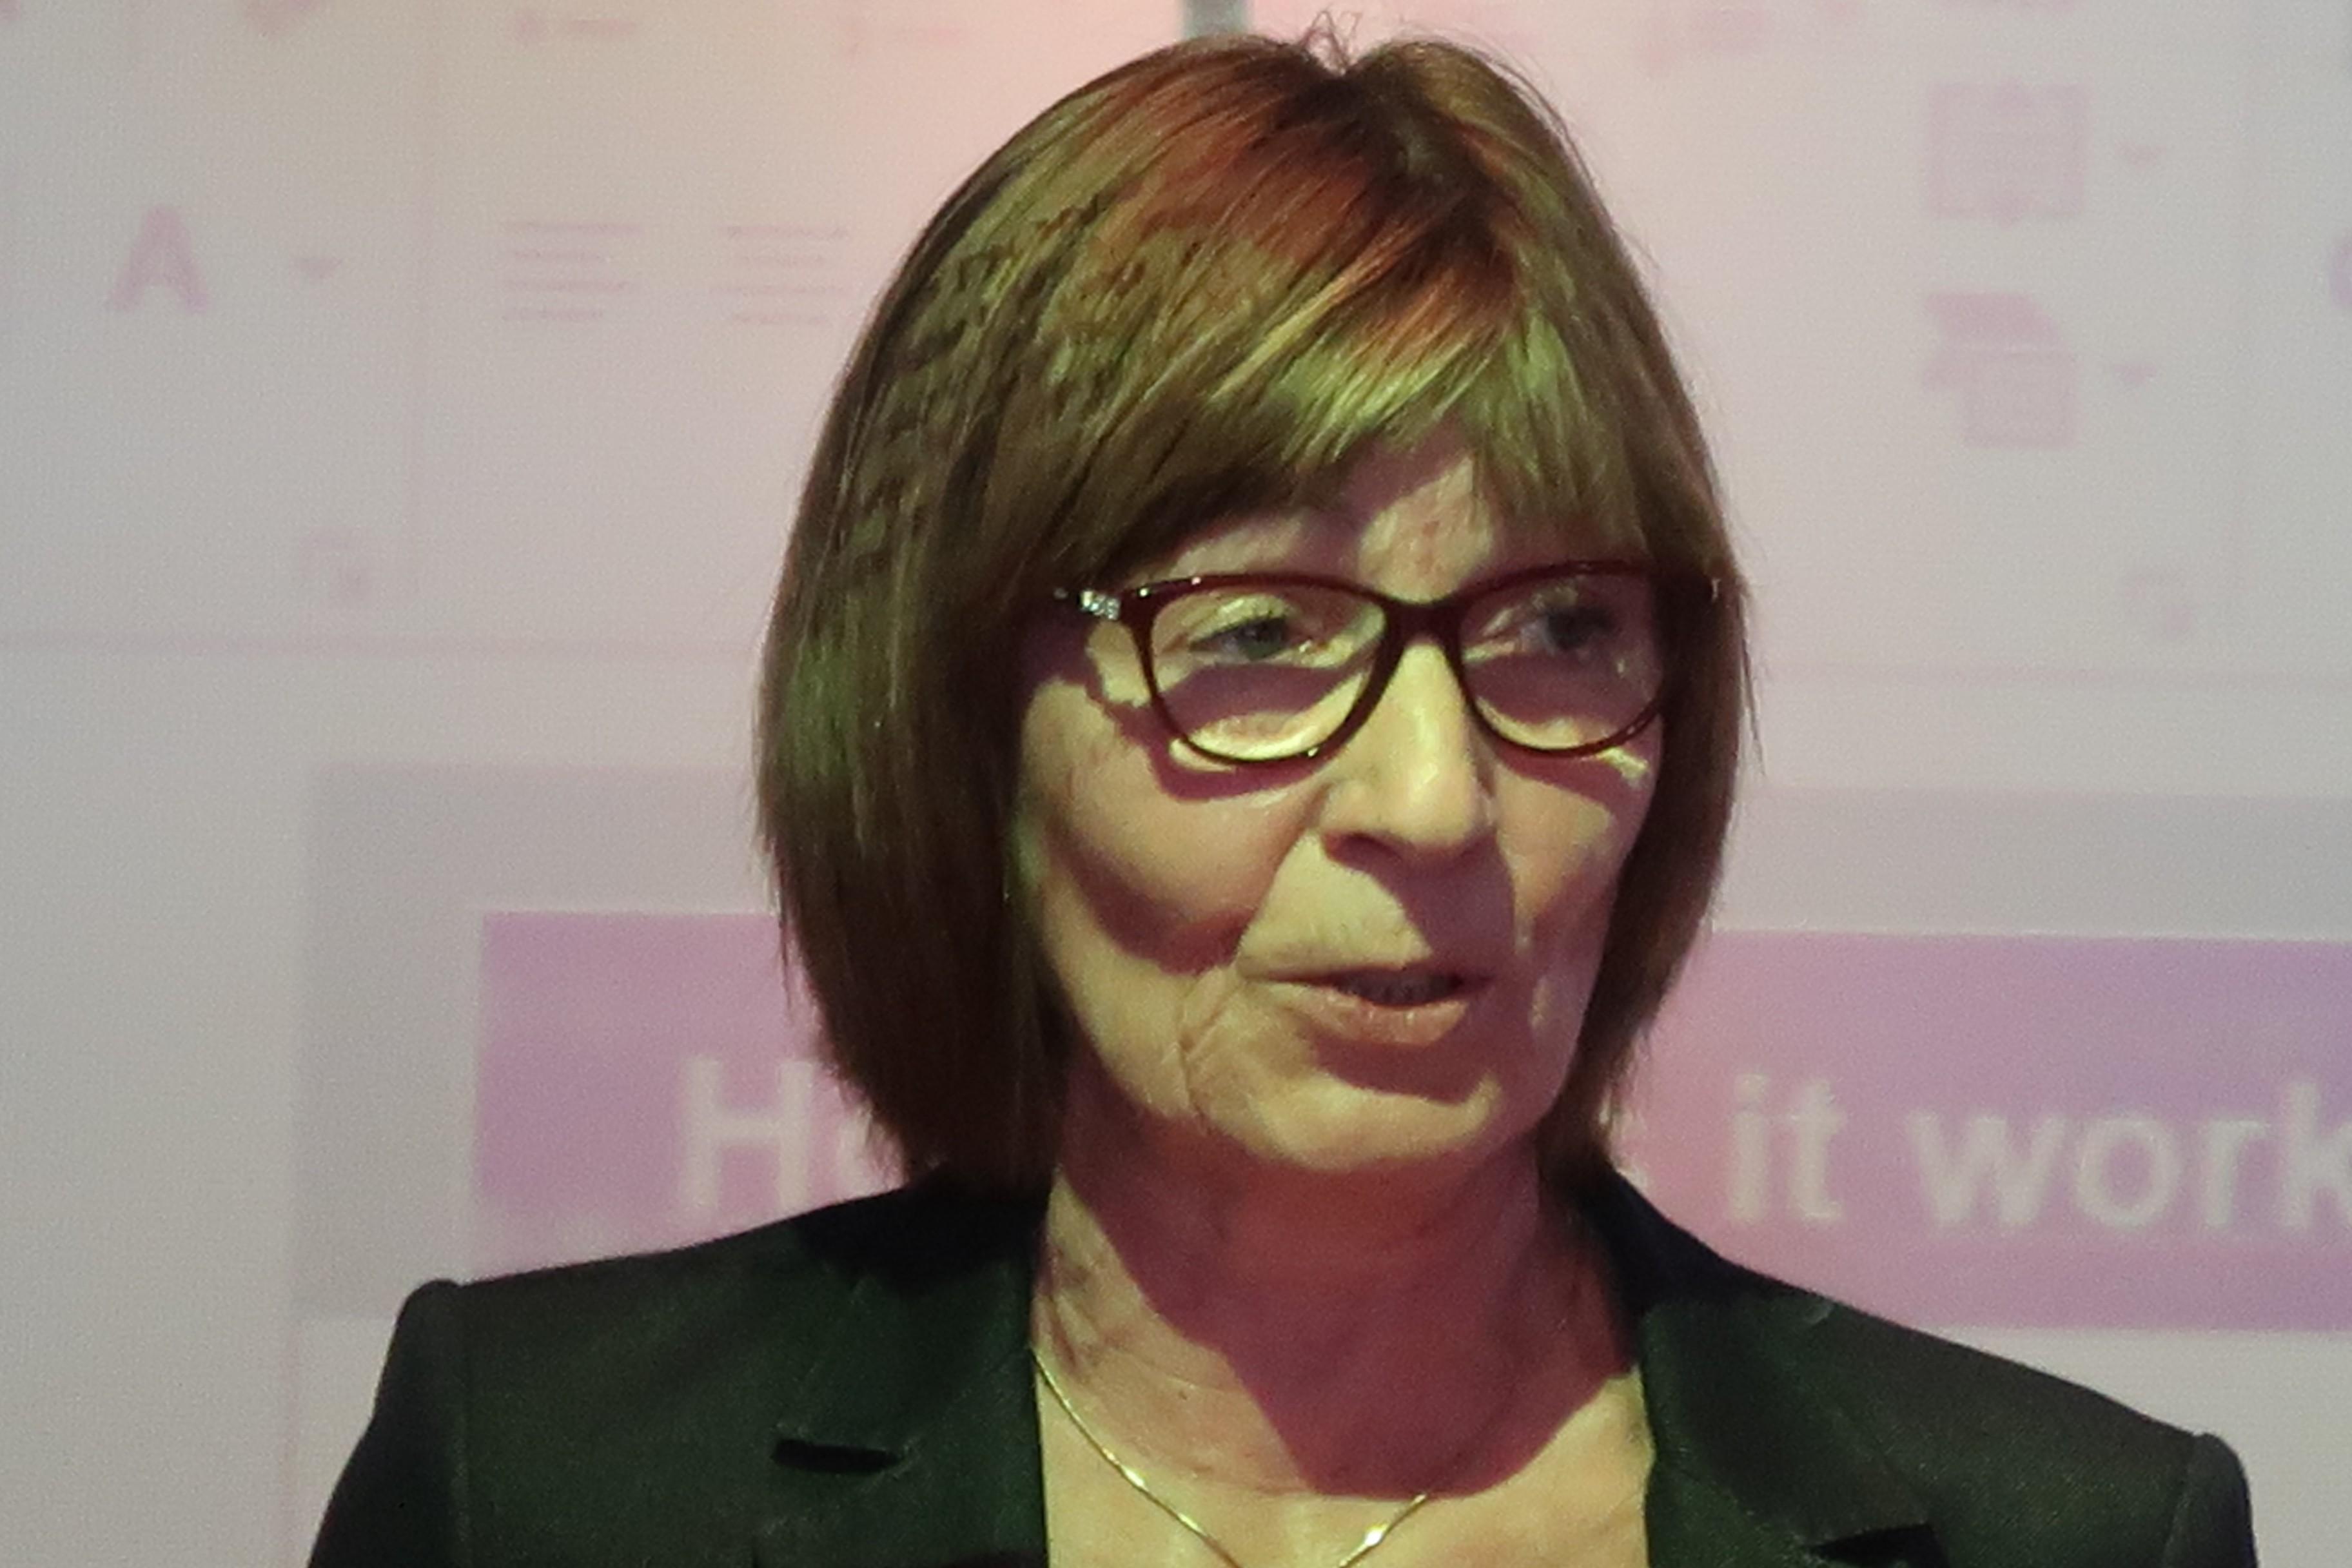 Darina Sedlakova, WHO Country Office for Slovenia